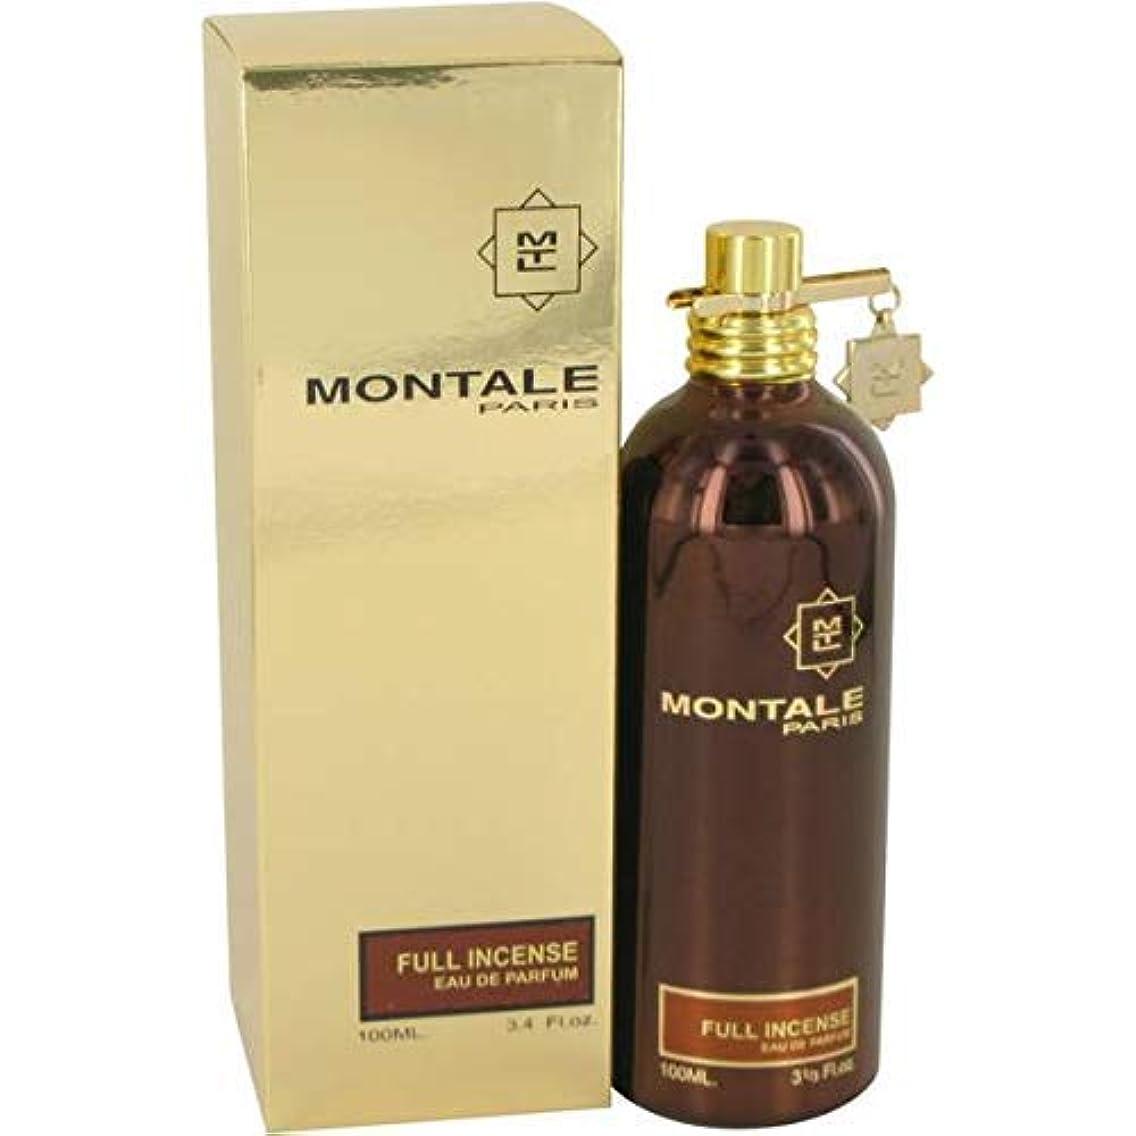 パン詩増強MONTALE FULL INCENSE Eau de Perfume 100ml Made in France 100% 本物モンターレ完全お香香水 100 ml フランス製 +2サンプル無料! + 30 mlスキンケア無料!